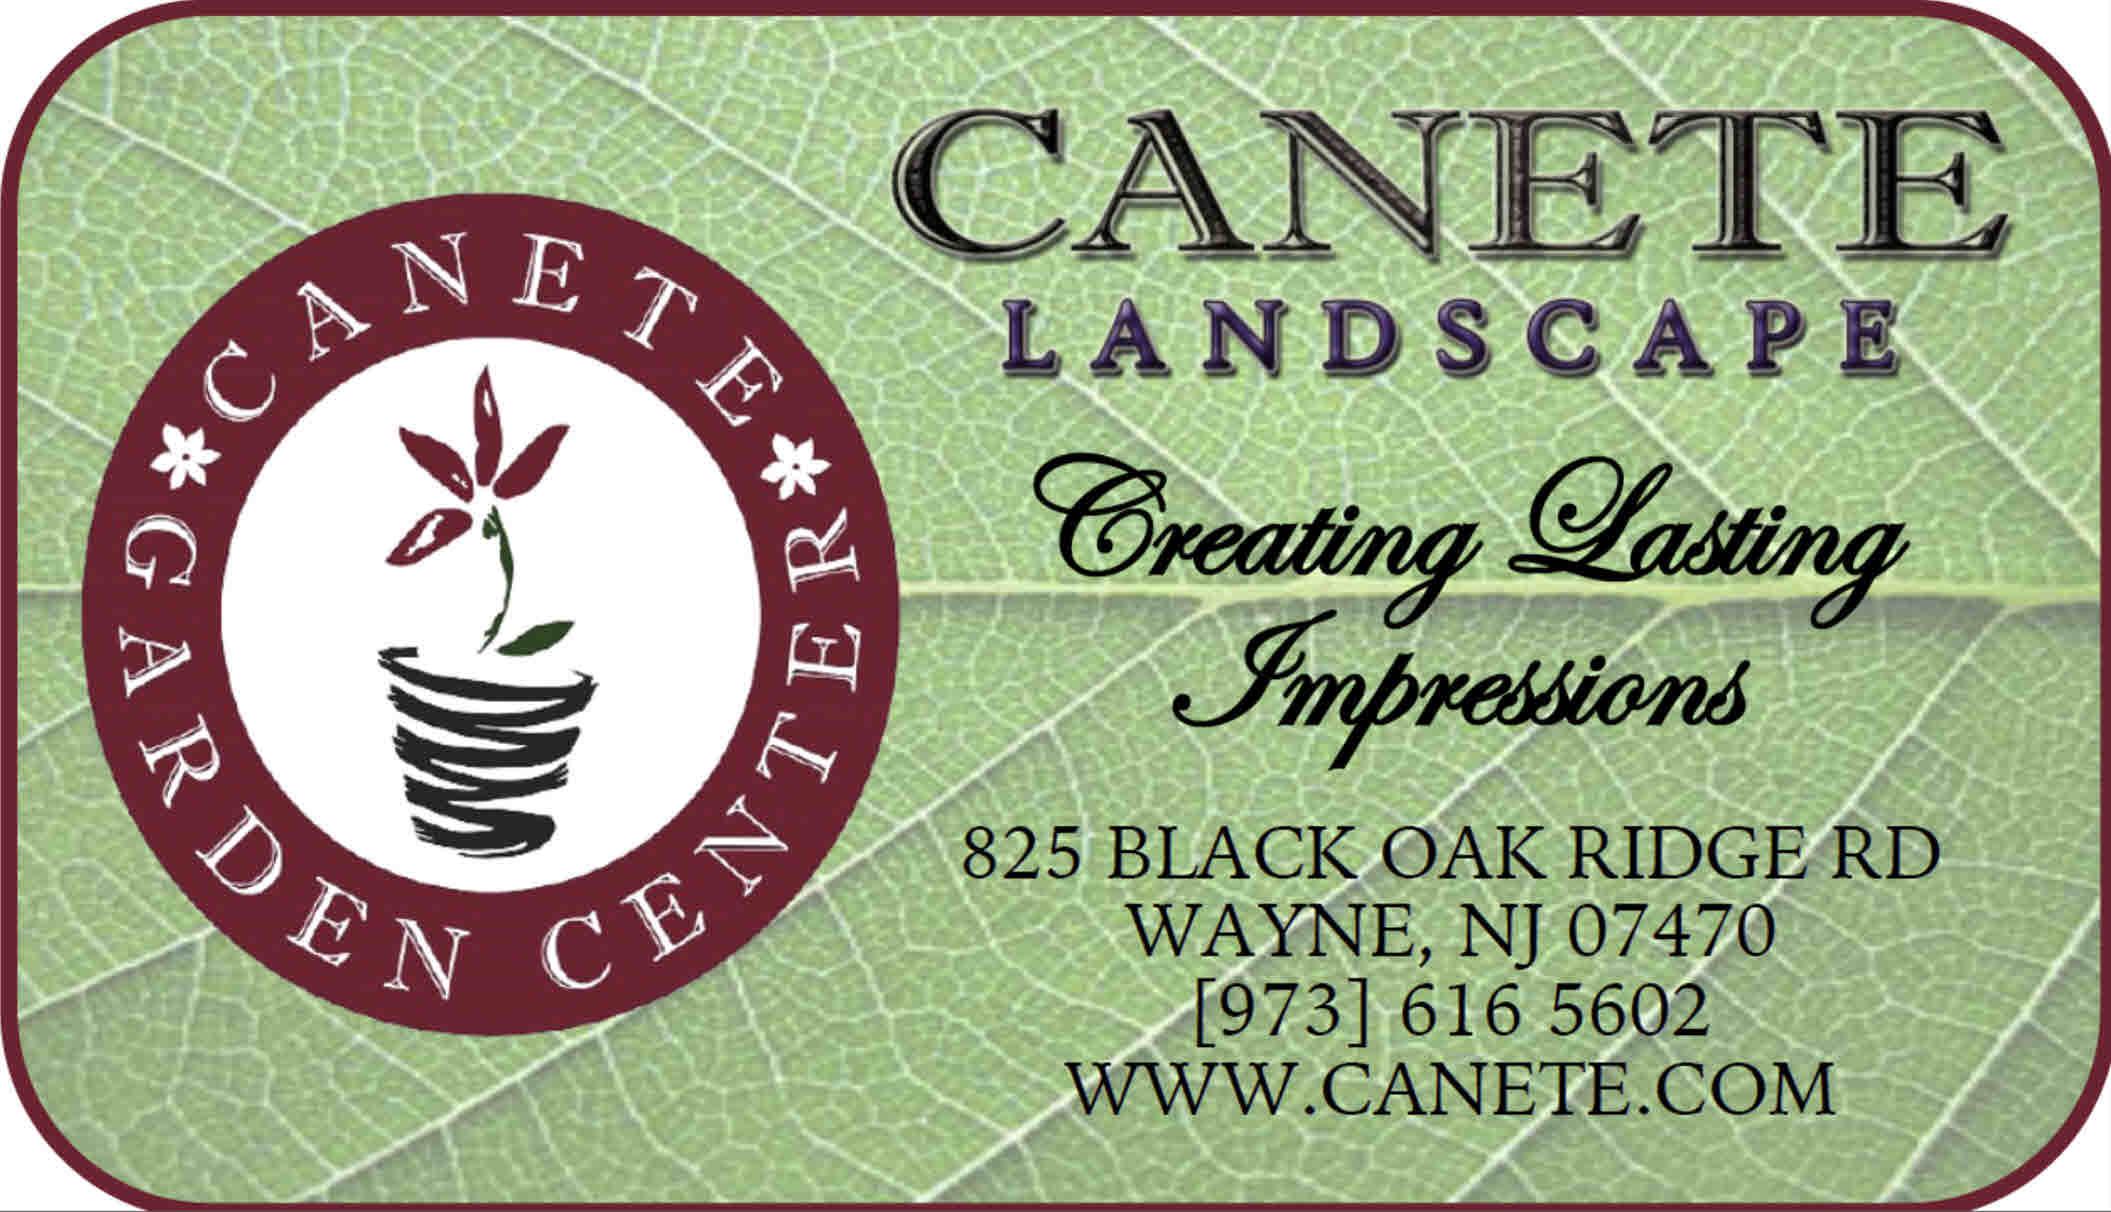 Canete Landscape